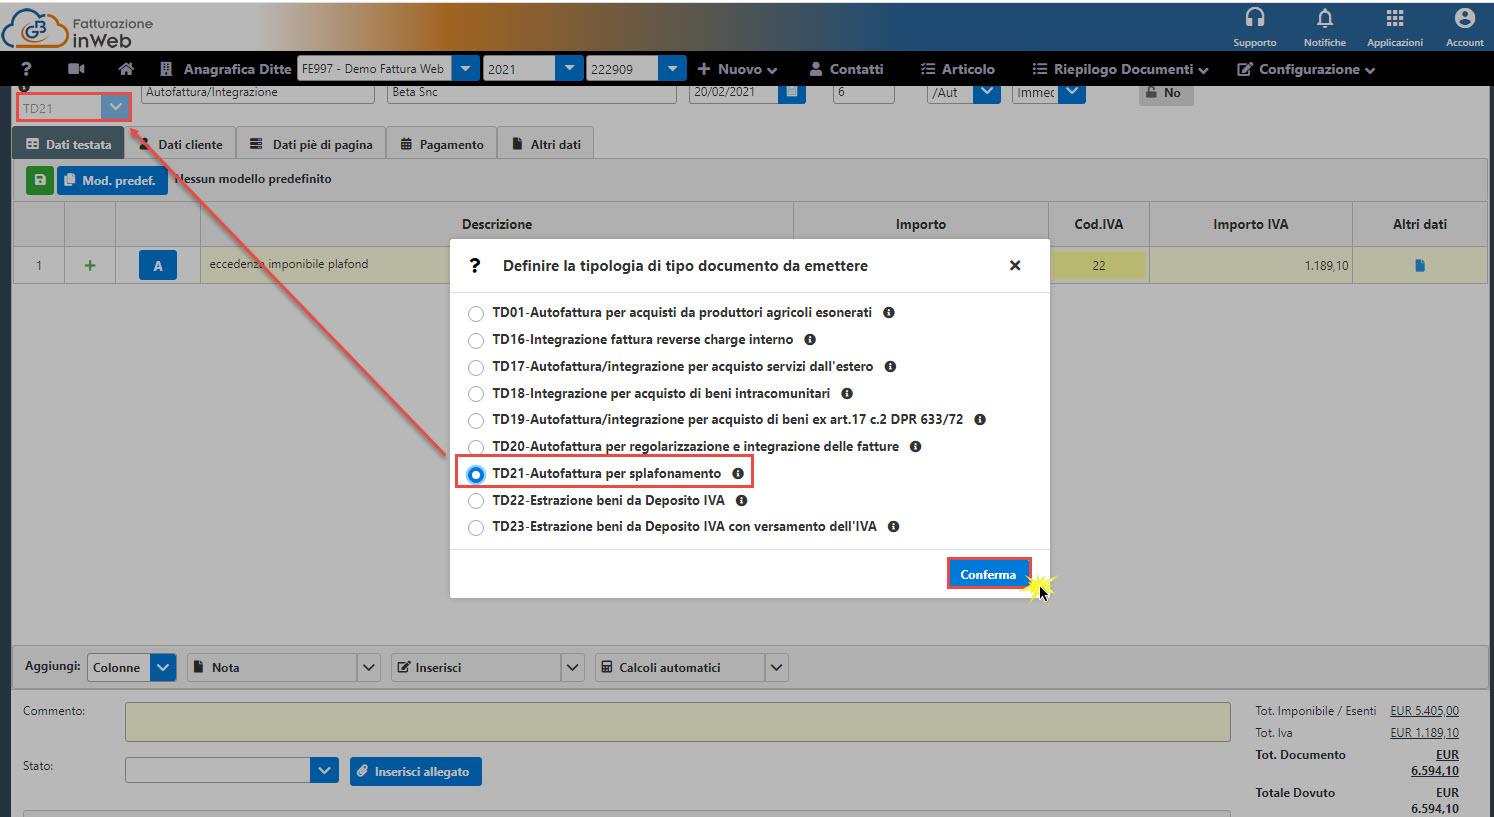 C:\Users\LucaTosti\Gbsoftware S.p.A\Newsletter - General\Newsletter2021\02 Febbraio 2021\Immagini\Nuovi tipi documento autofatture parte 2 - Creazione XML FE